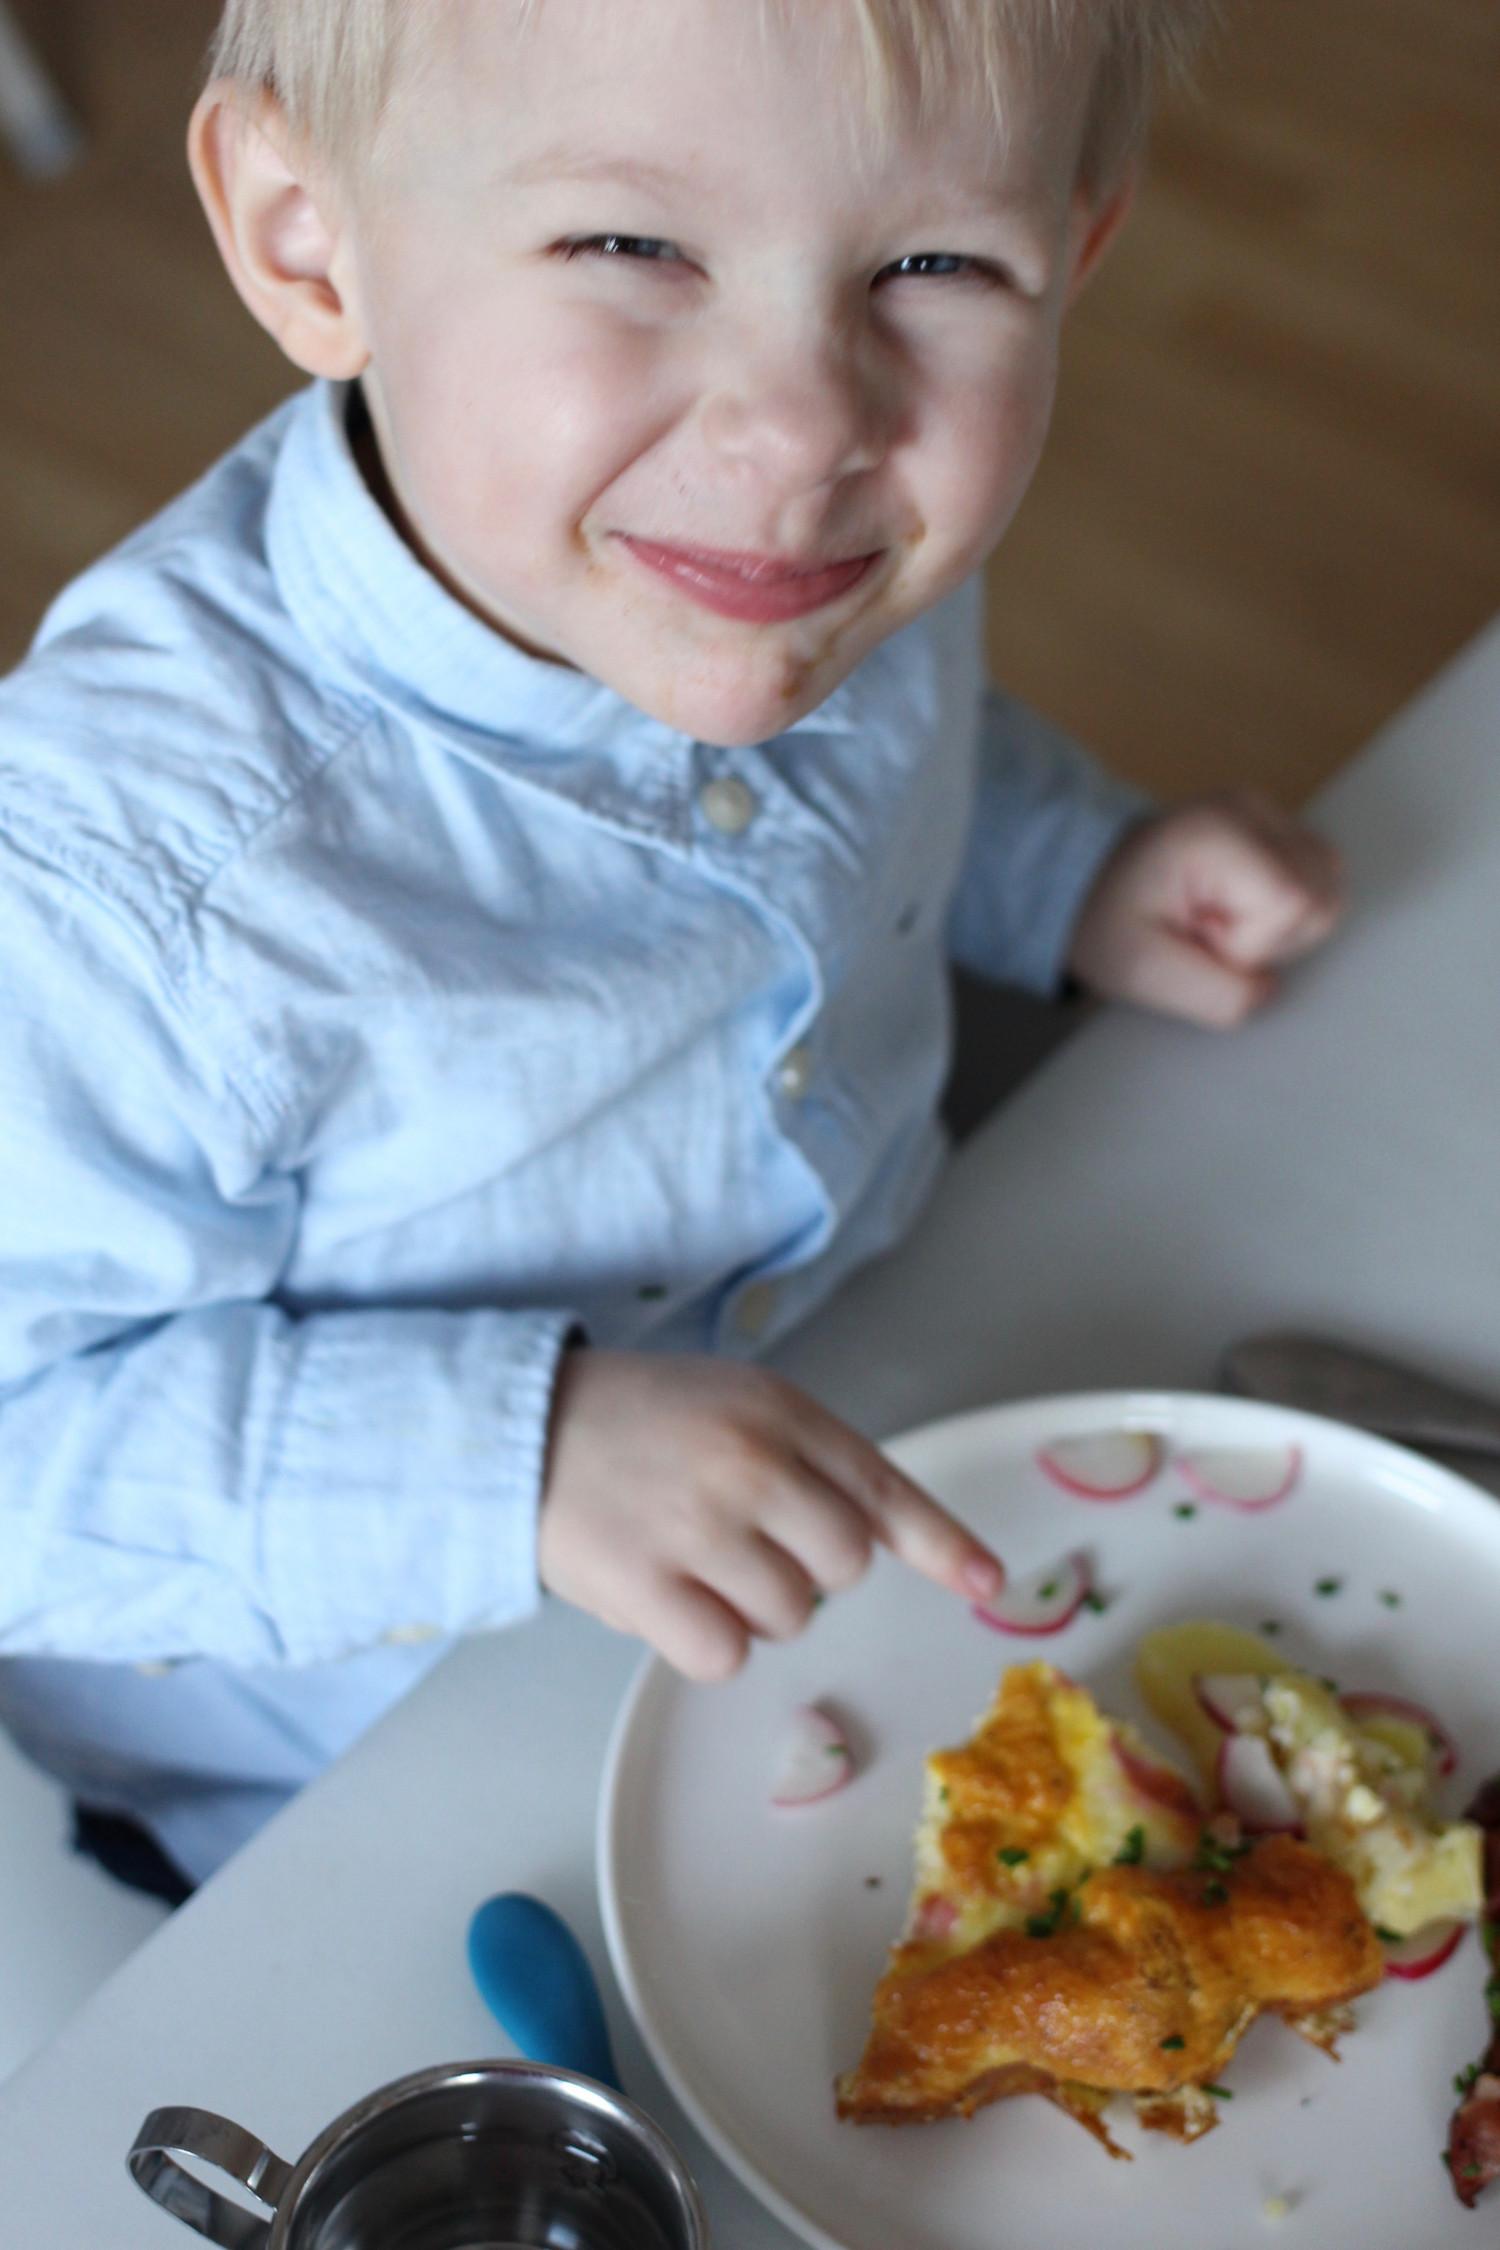 aeggekage-med-kartofler-annemette-voss-lidl-16